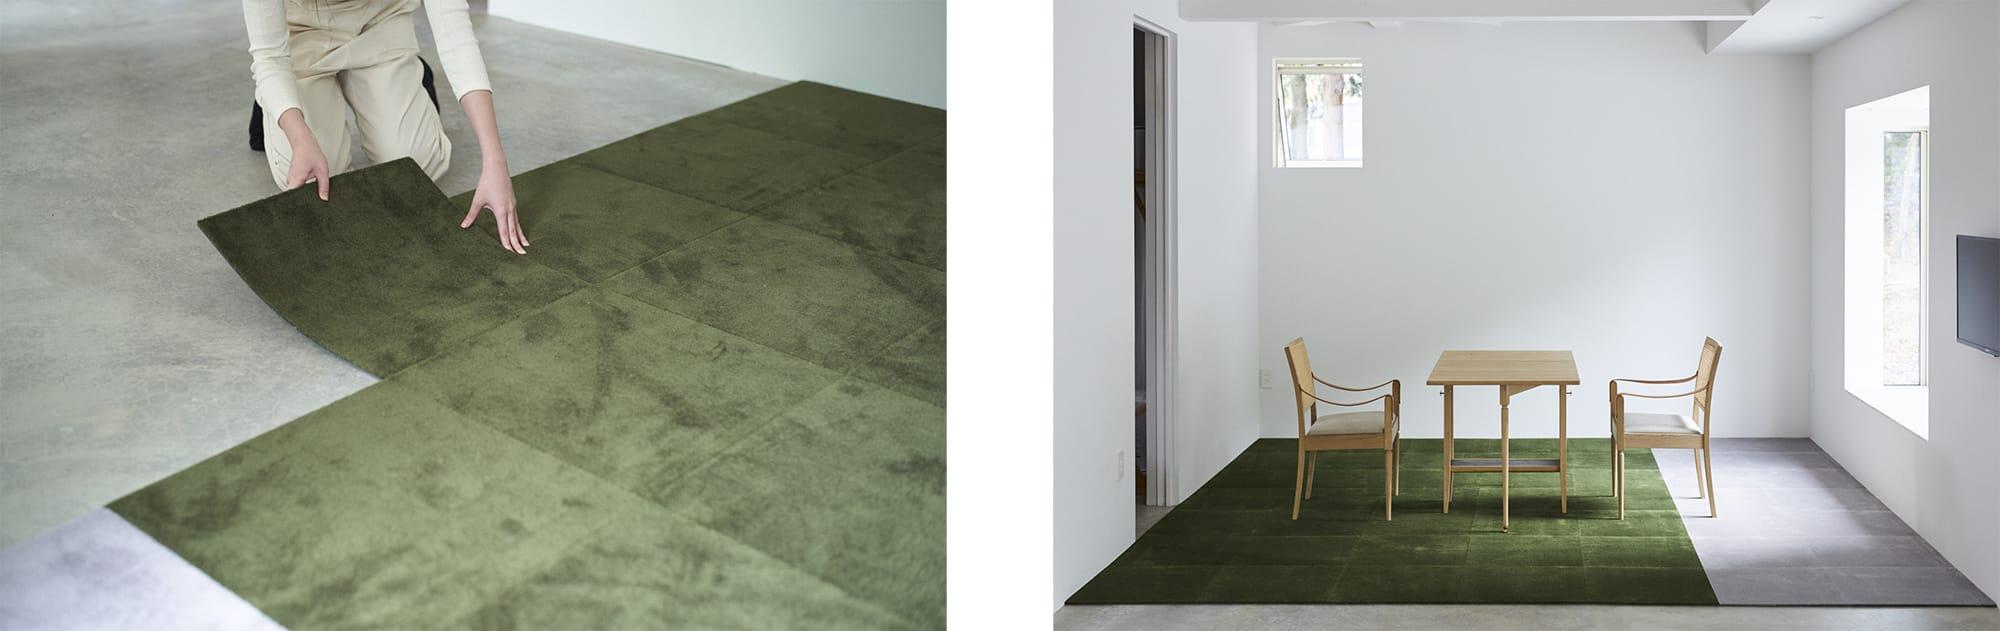 誰もが簡単に床をつくれるDIYカーペット「WOOLTILE(ウールタイル)」。並べて置くだけでラグになり、難しい工具を使わずに床一面に敷き詰められる。好きな色を組み合わせて楽しむことも。